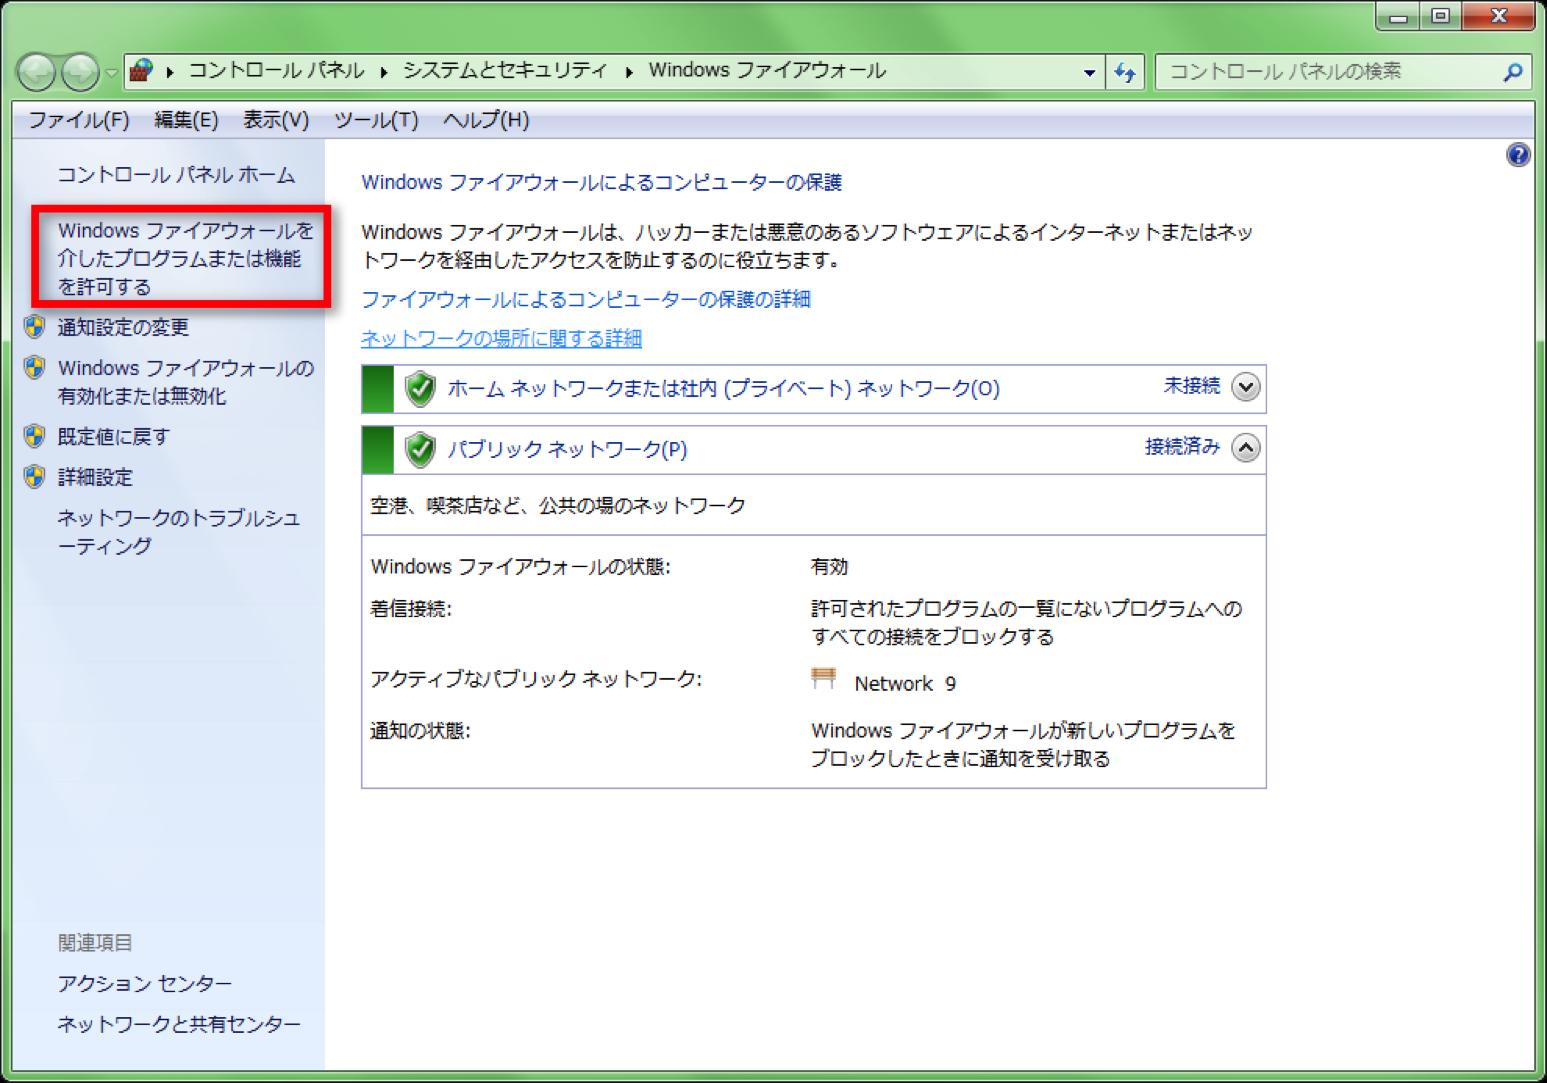 WindowsでiTunes Storeに接続できない